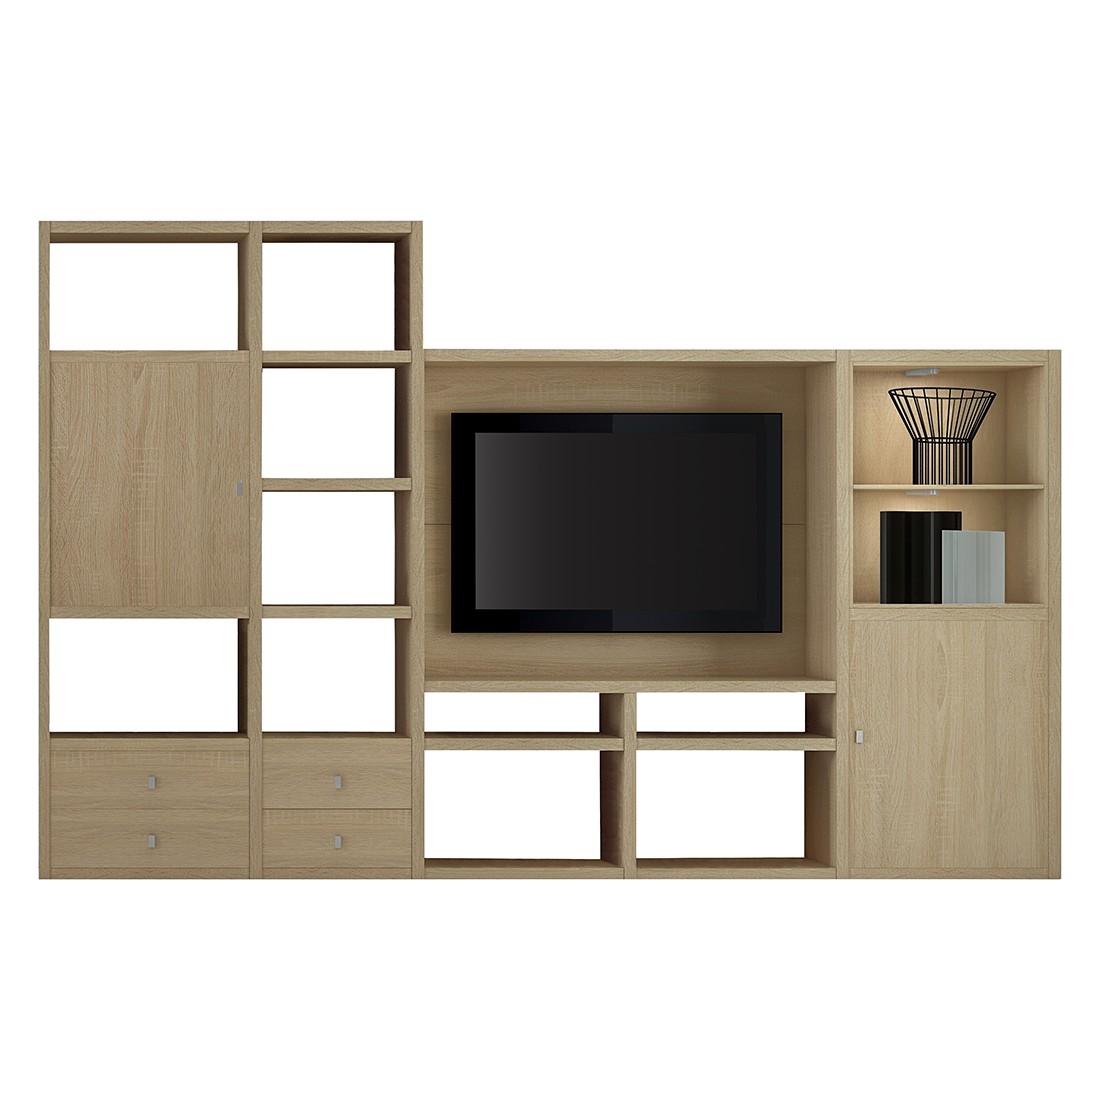 EEK A+, TV-Wand Emporior II - inkl. Beleuchtung - Eiche Dekor, loftscape